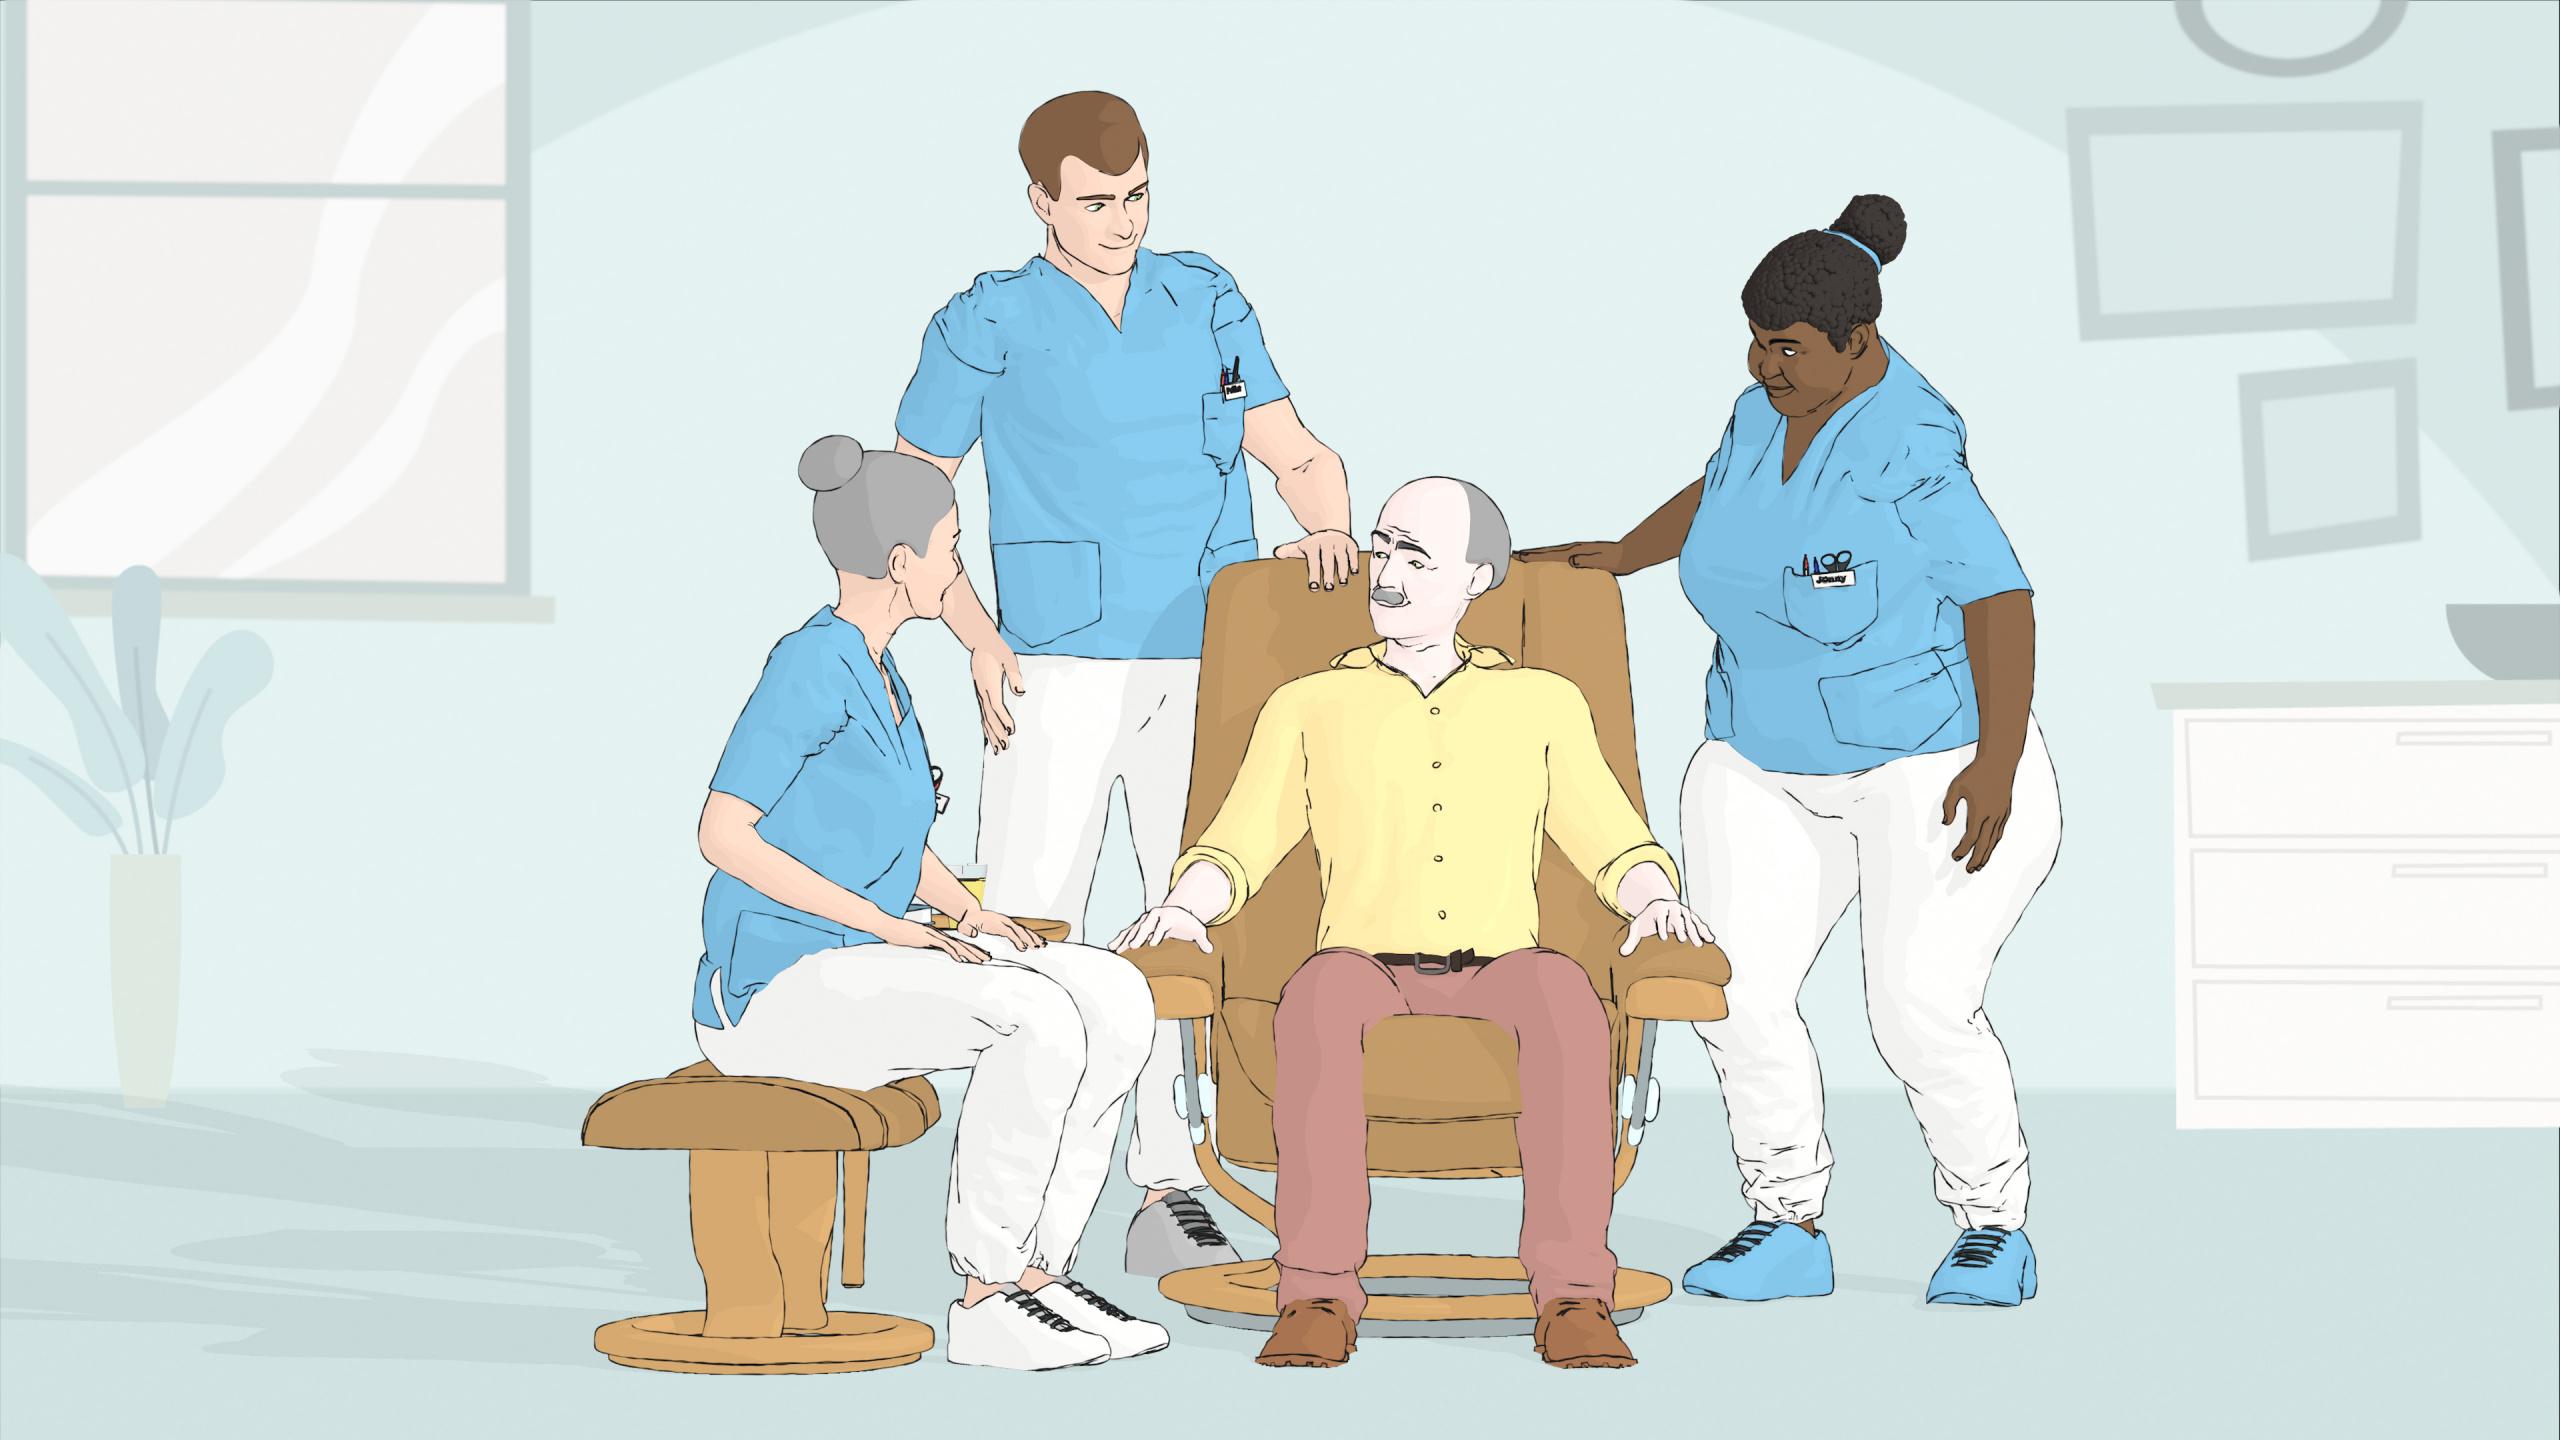 Tre pleiere observerer mann i stol. Grafikk.